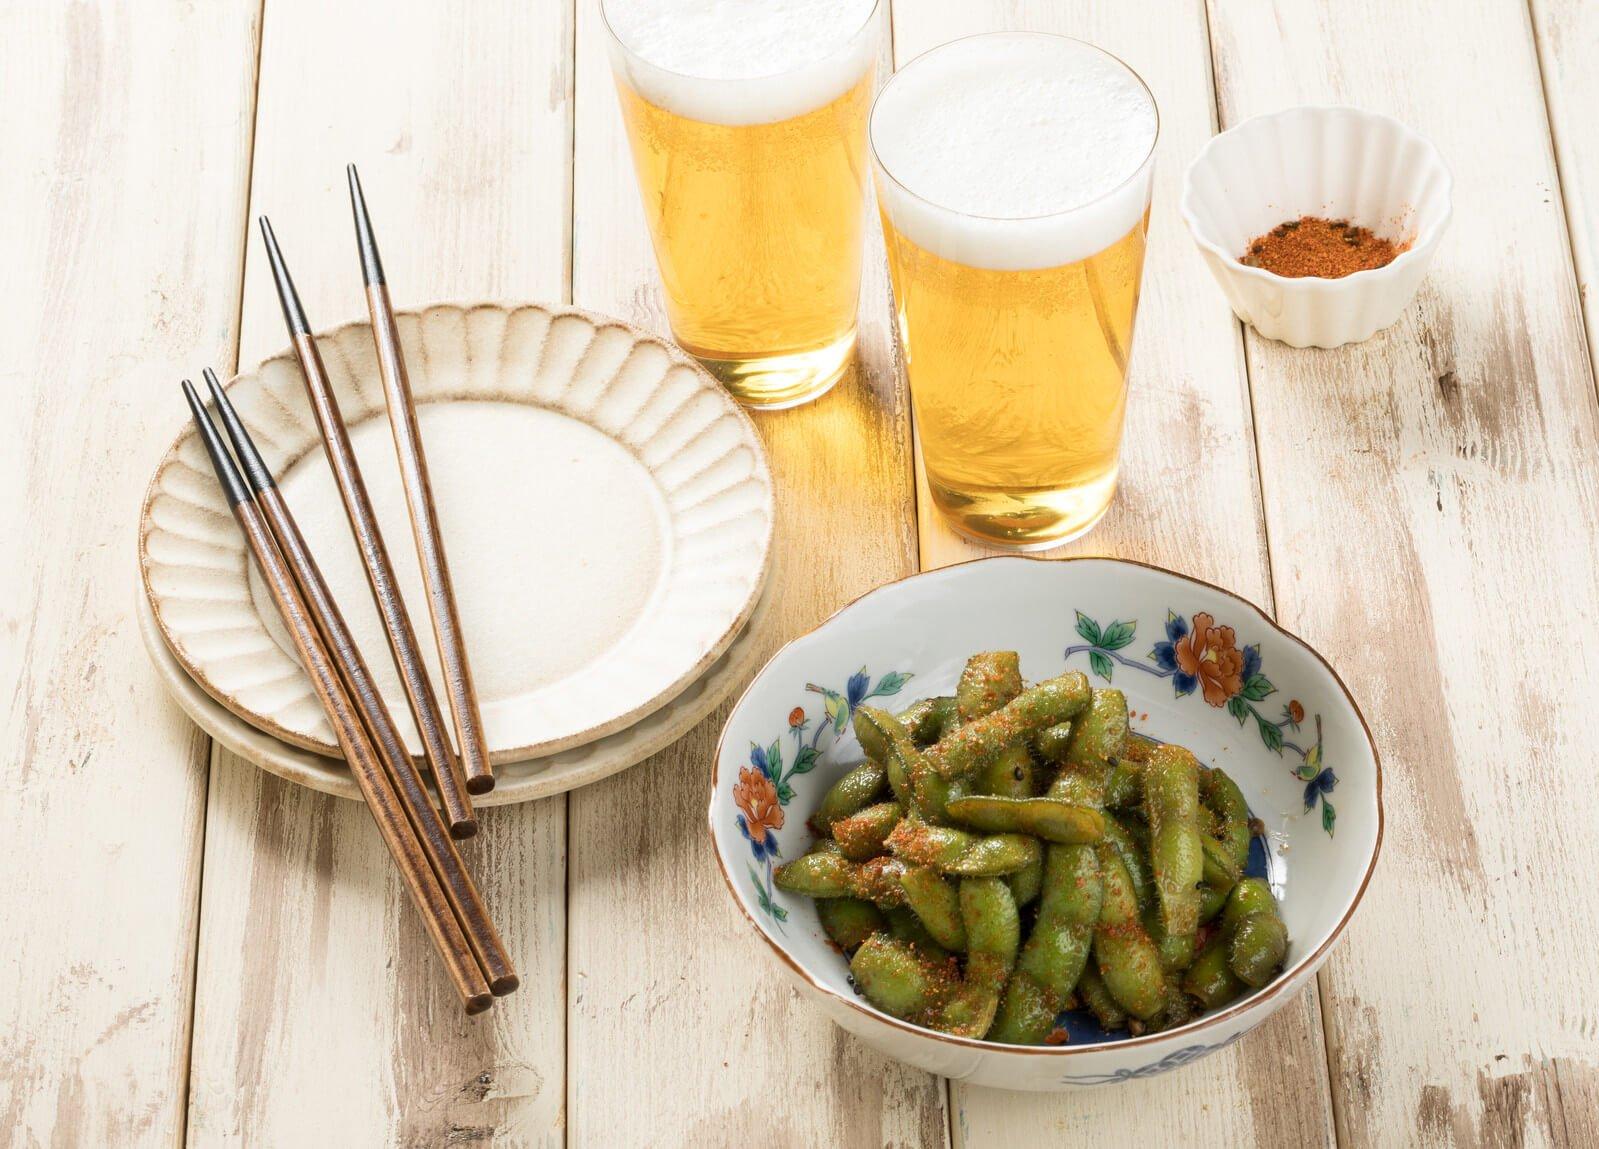 【TRAVEL Q&A】日本餐廳獨有的服務&規則 10選 MMNQA、和式料理、咖啡廳、日本旅行、酒吧、餐廳、